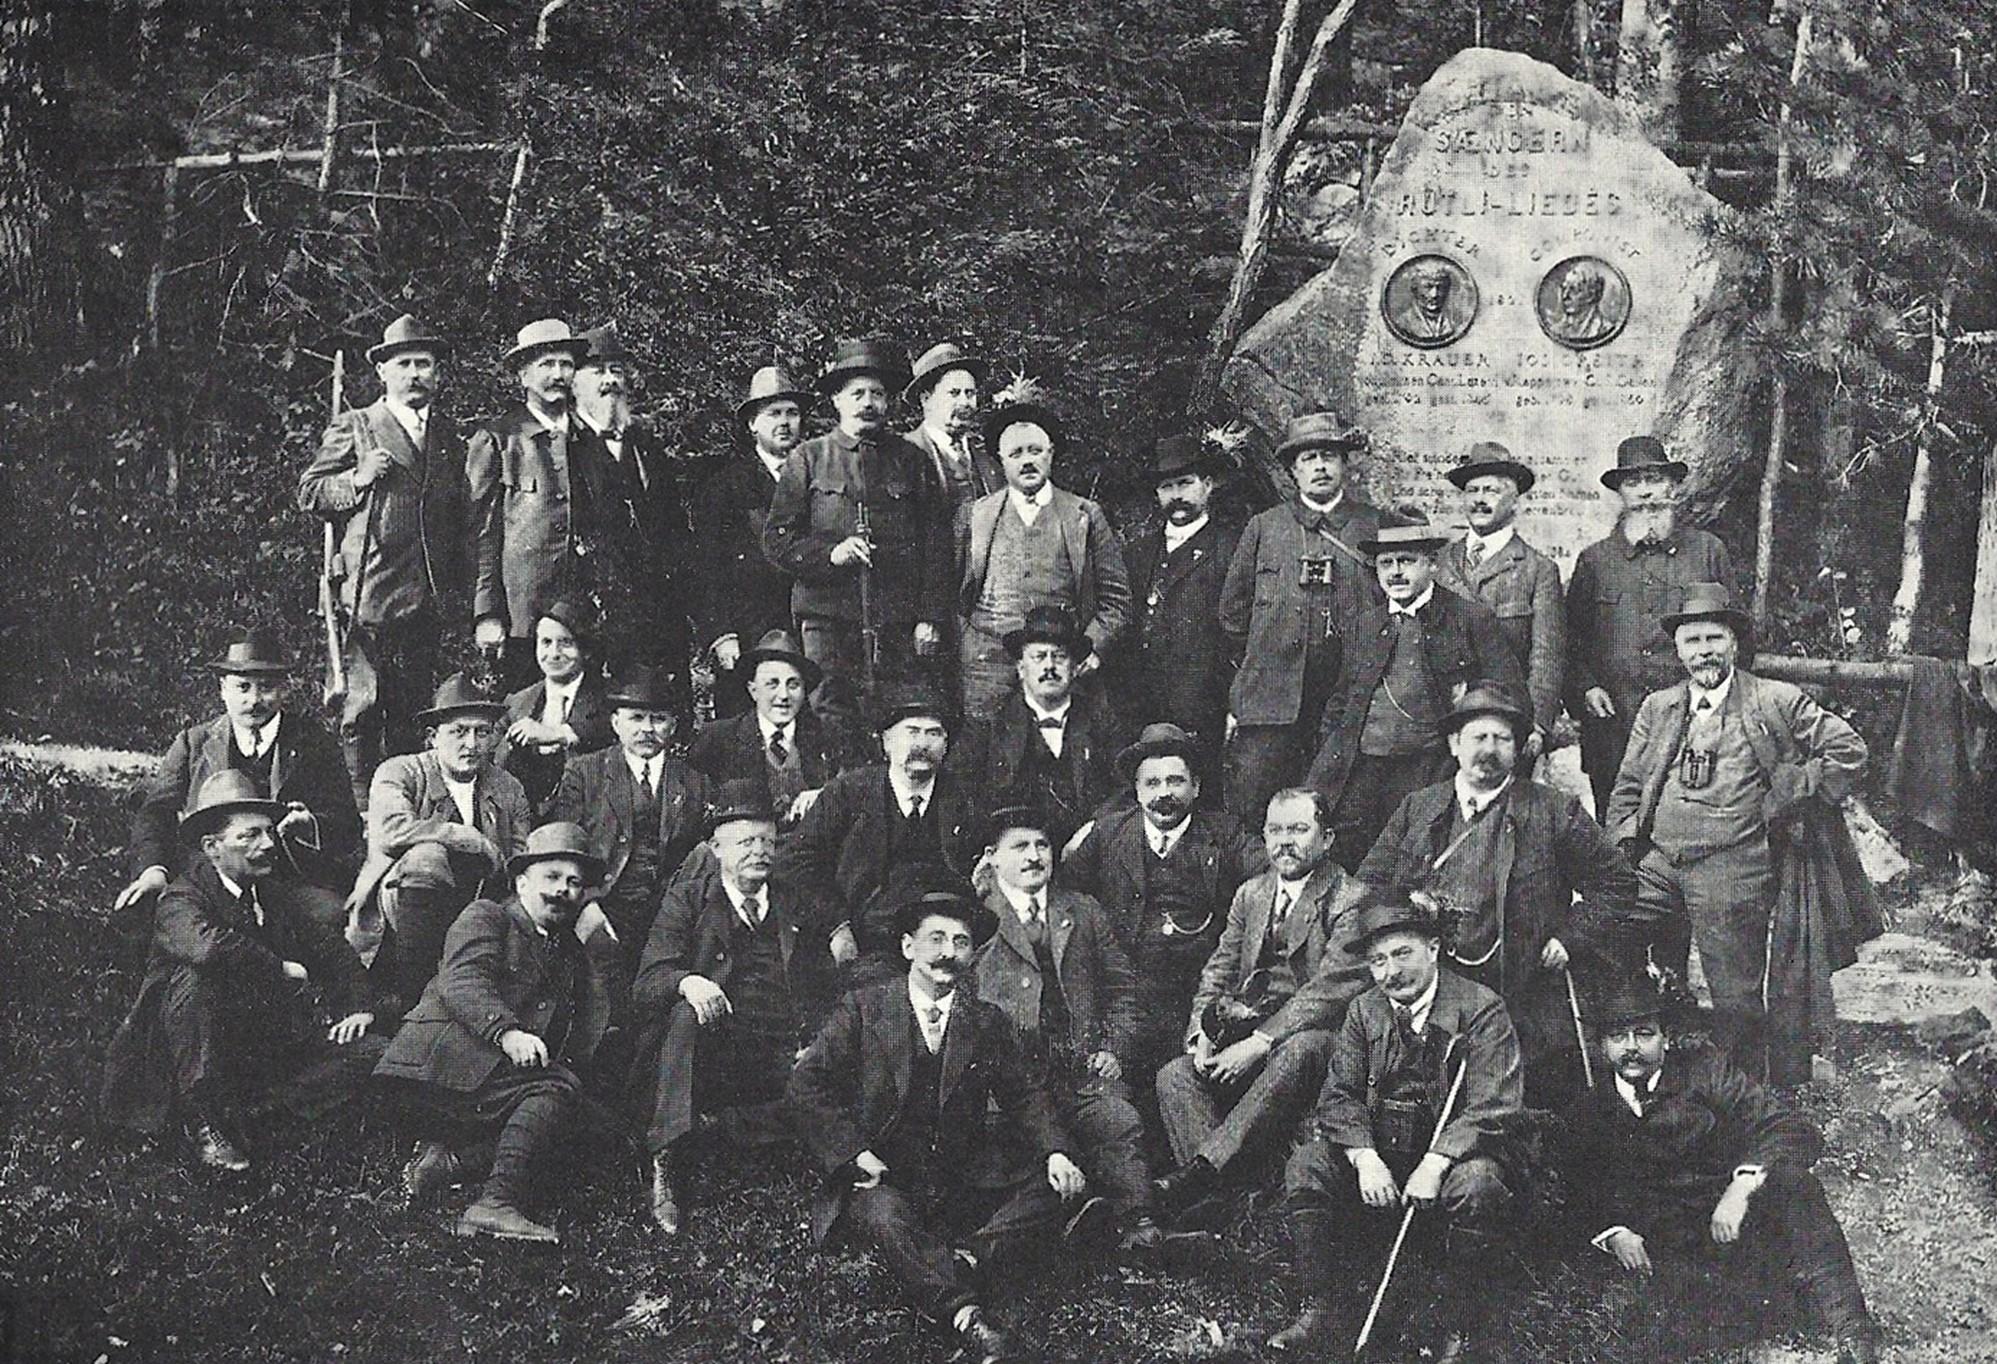 Die Feuerschützen erstmals am 300m-Rütlischiessen 1913